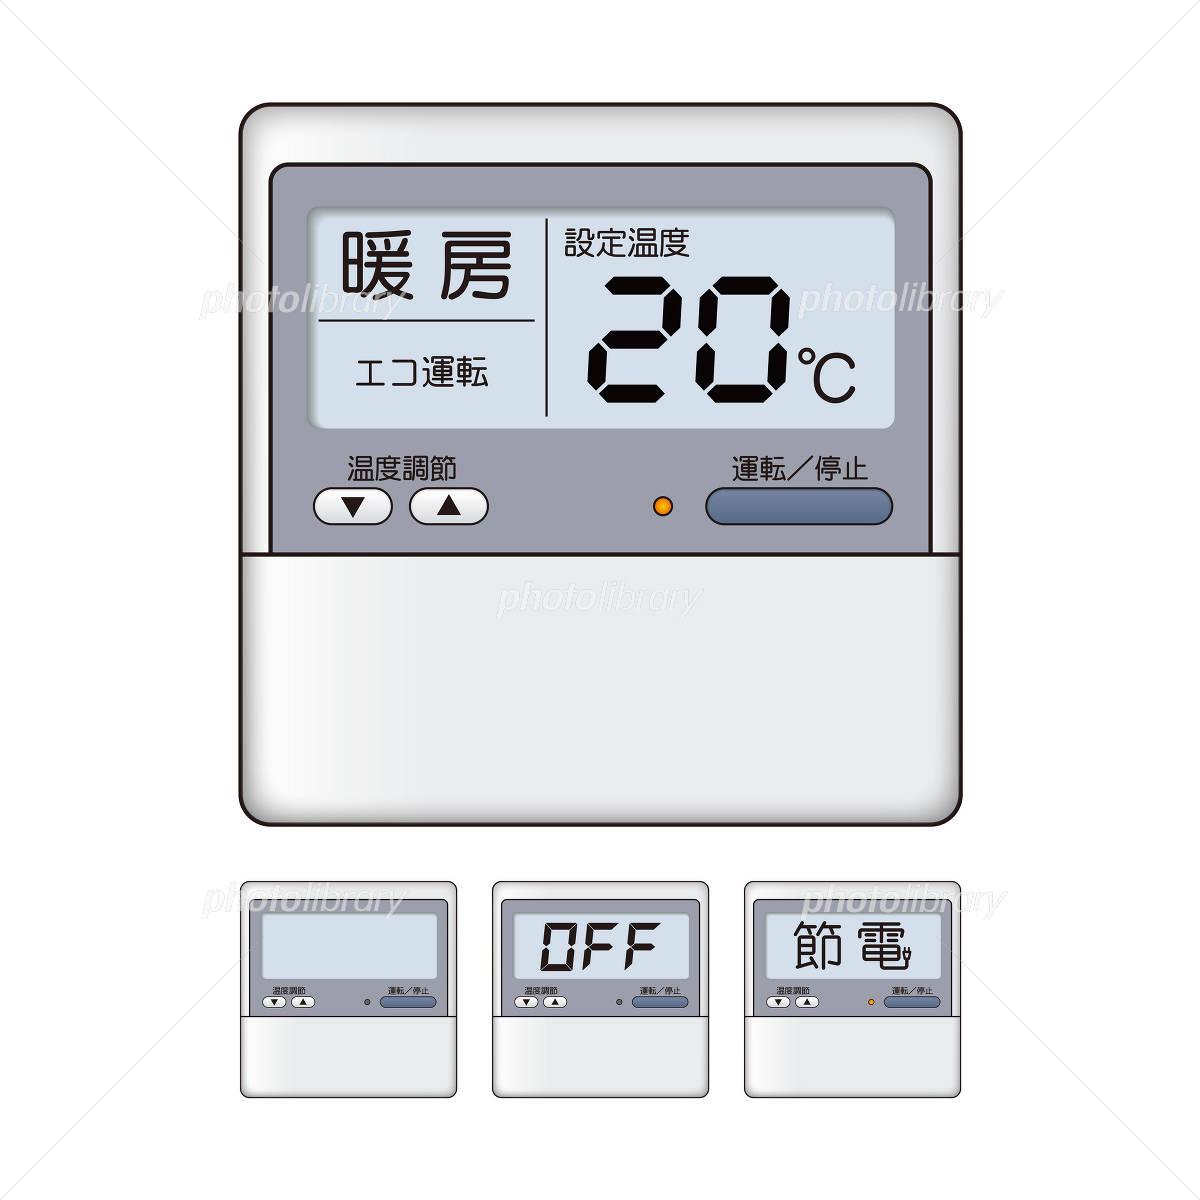 20度に設定されたエアコンのリモコン イラスト素材 [ 1666401 ...